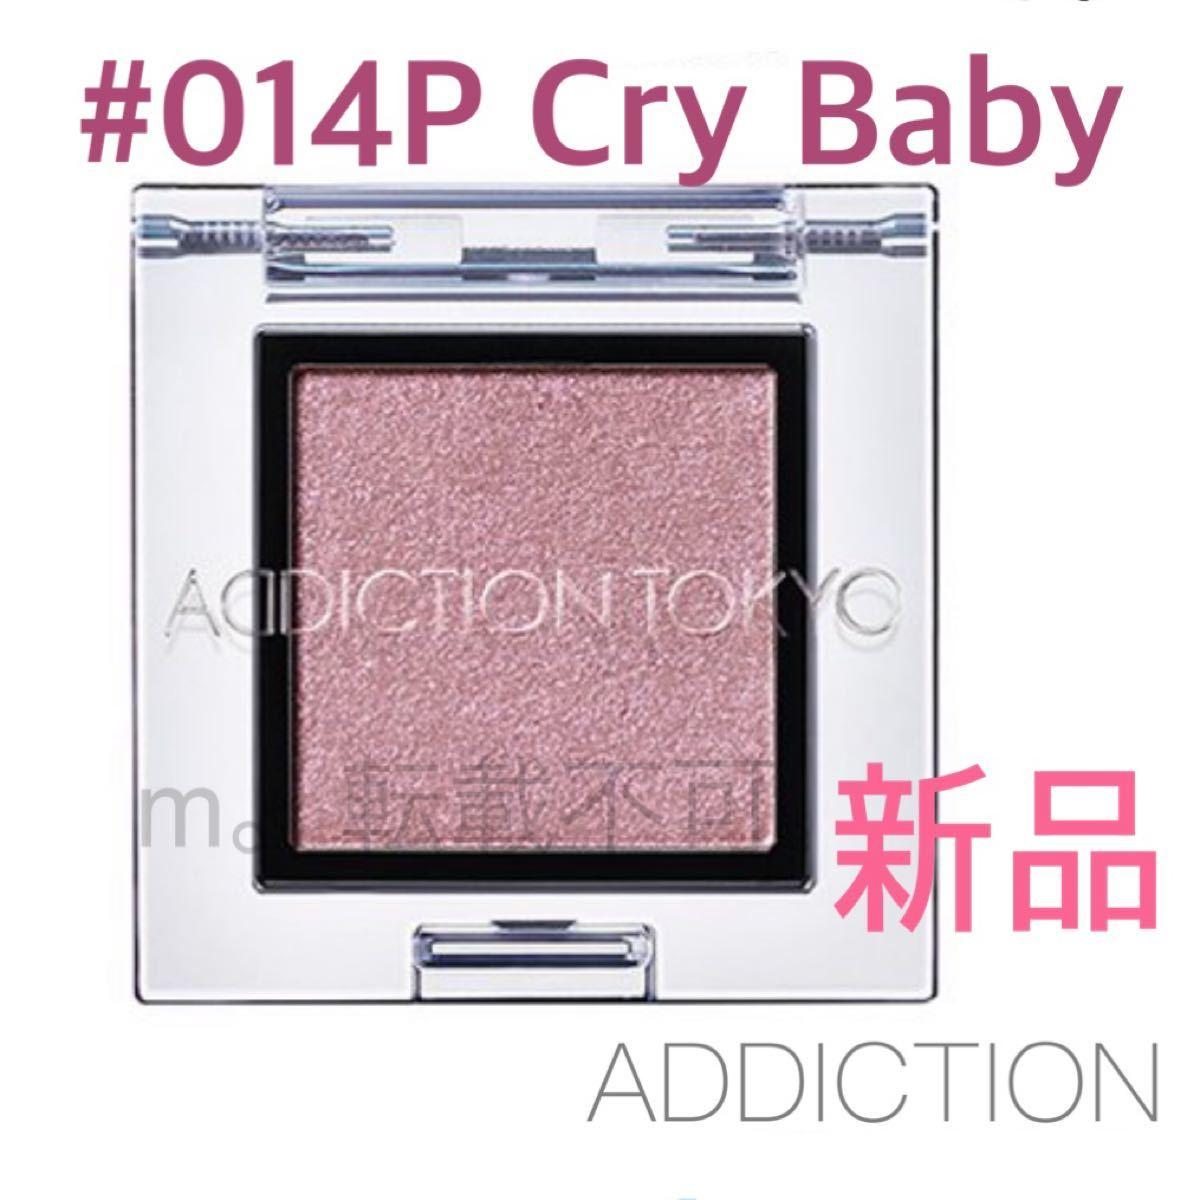 ADDICTION アディクション ザ アイシャドウ #014P Cry Baby クライベイビー 新品